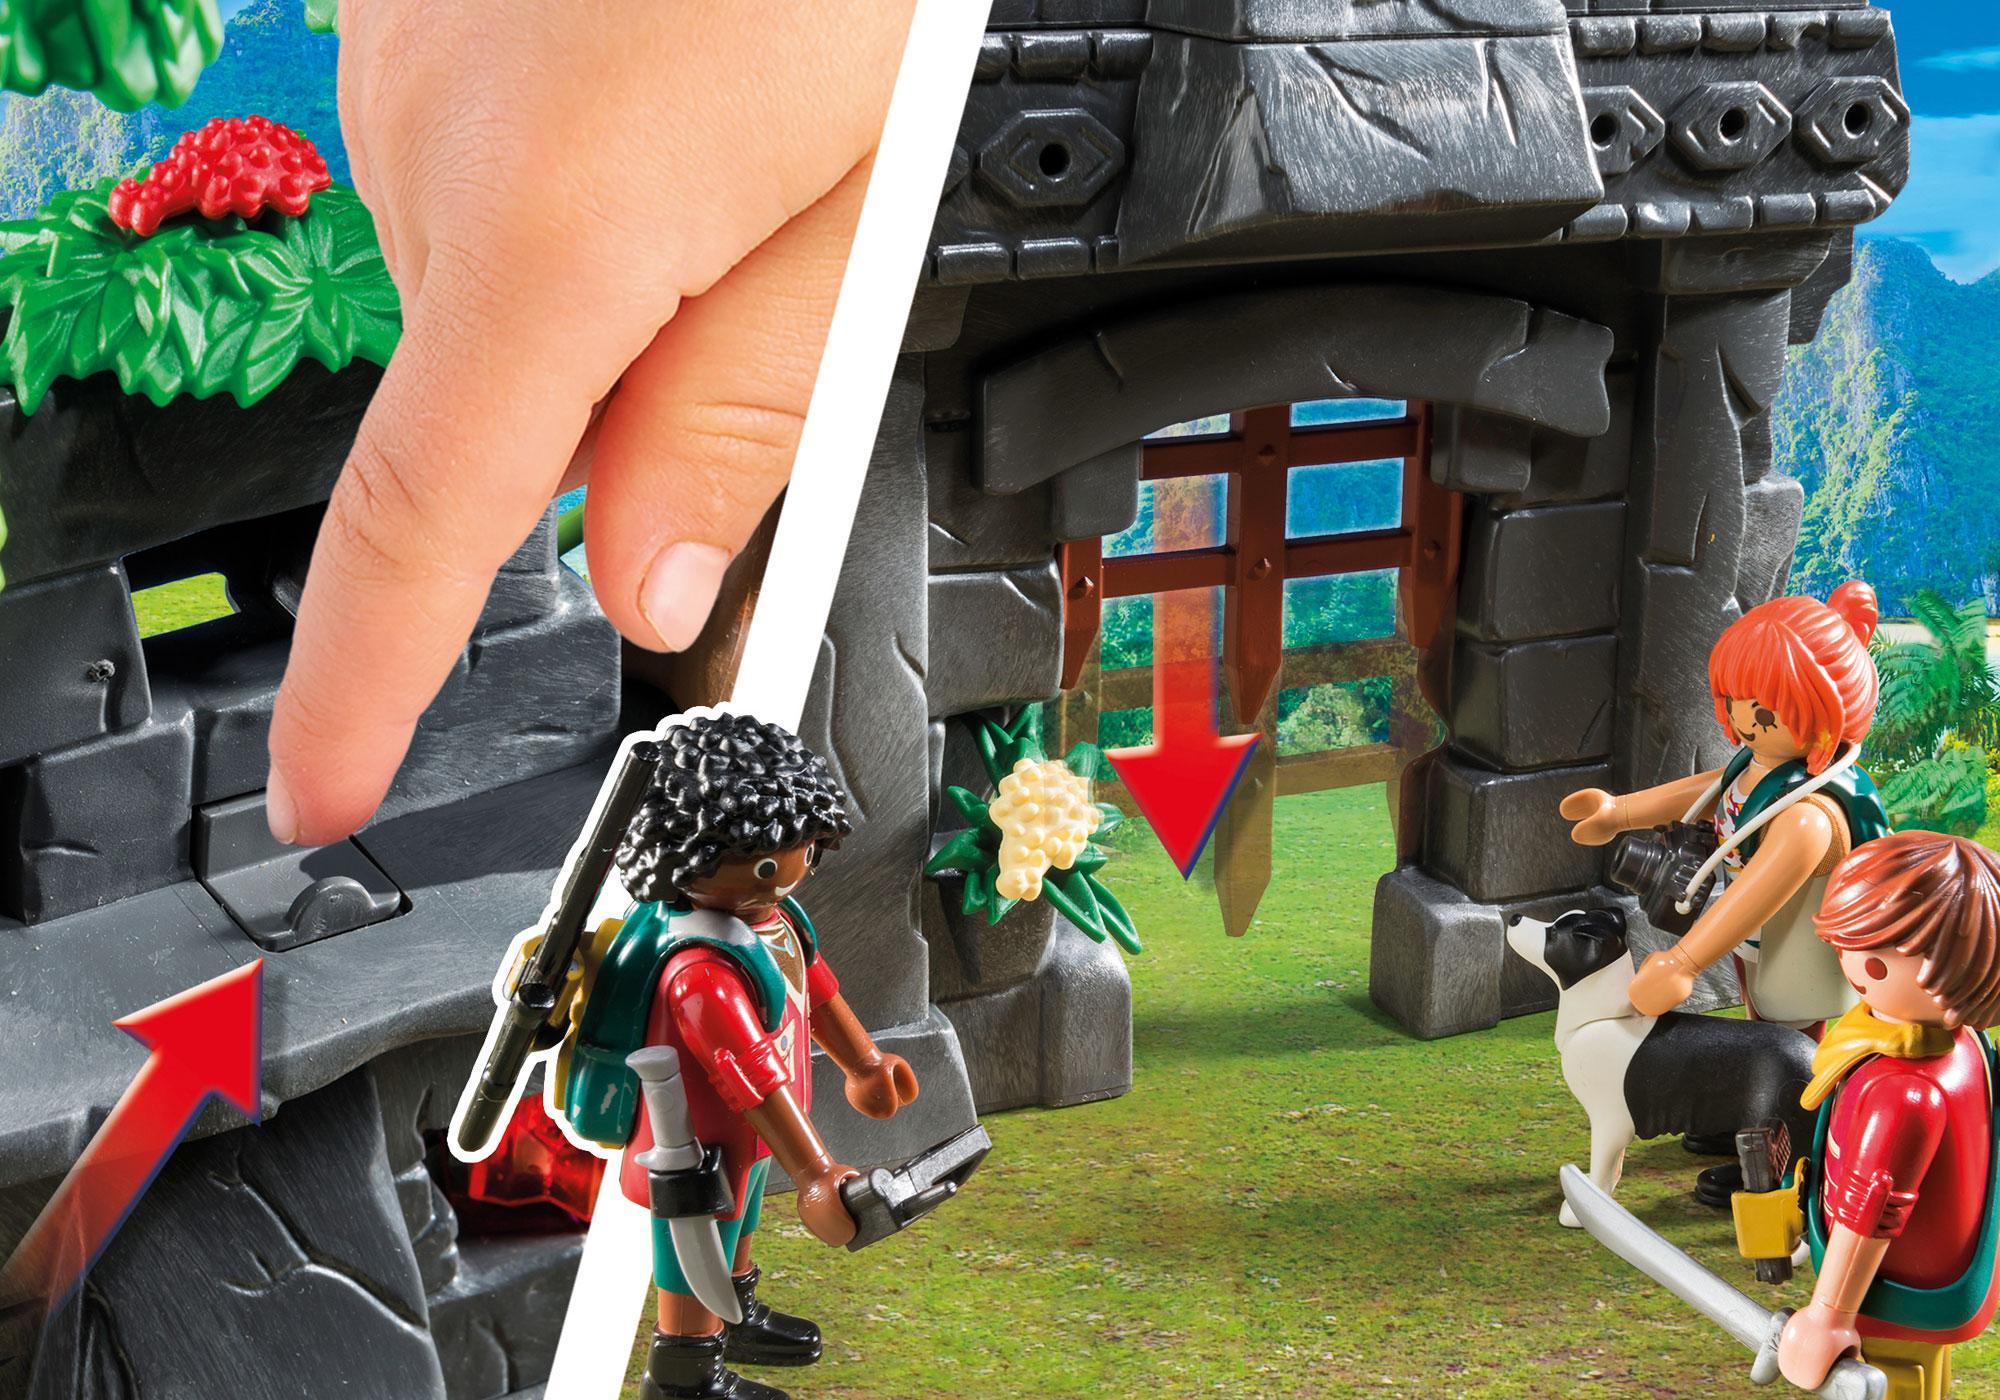 http://media.playmobil.com/i/playmobil/9429_product_extra2/Acampamento Base com T-Rex